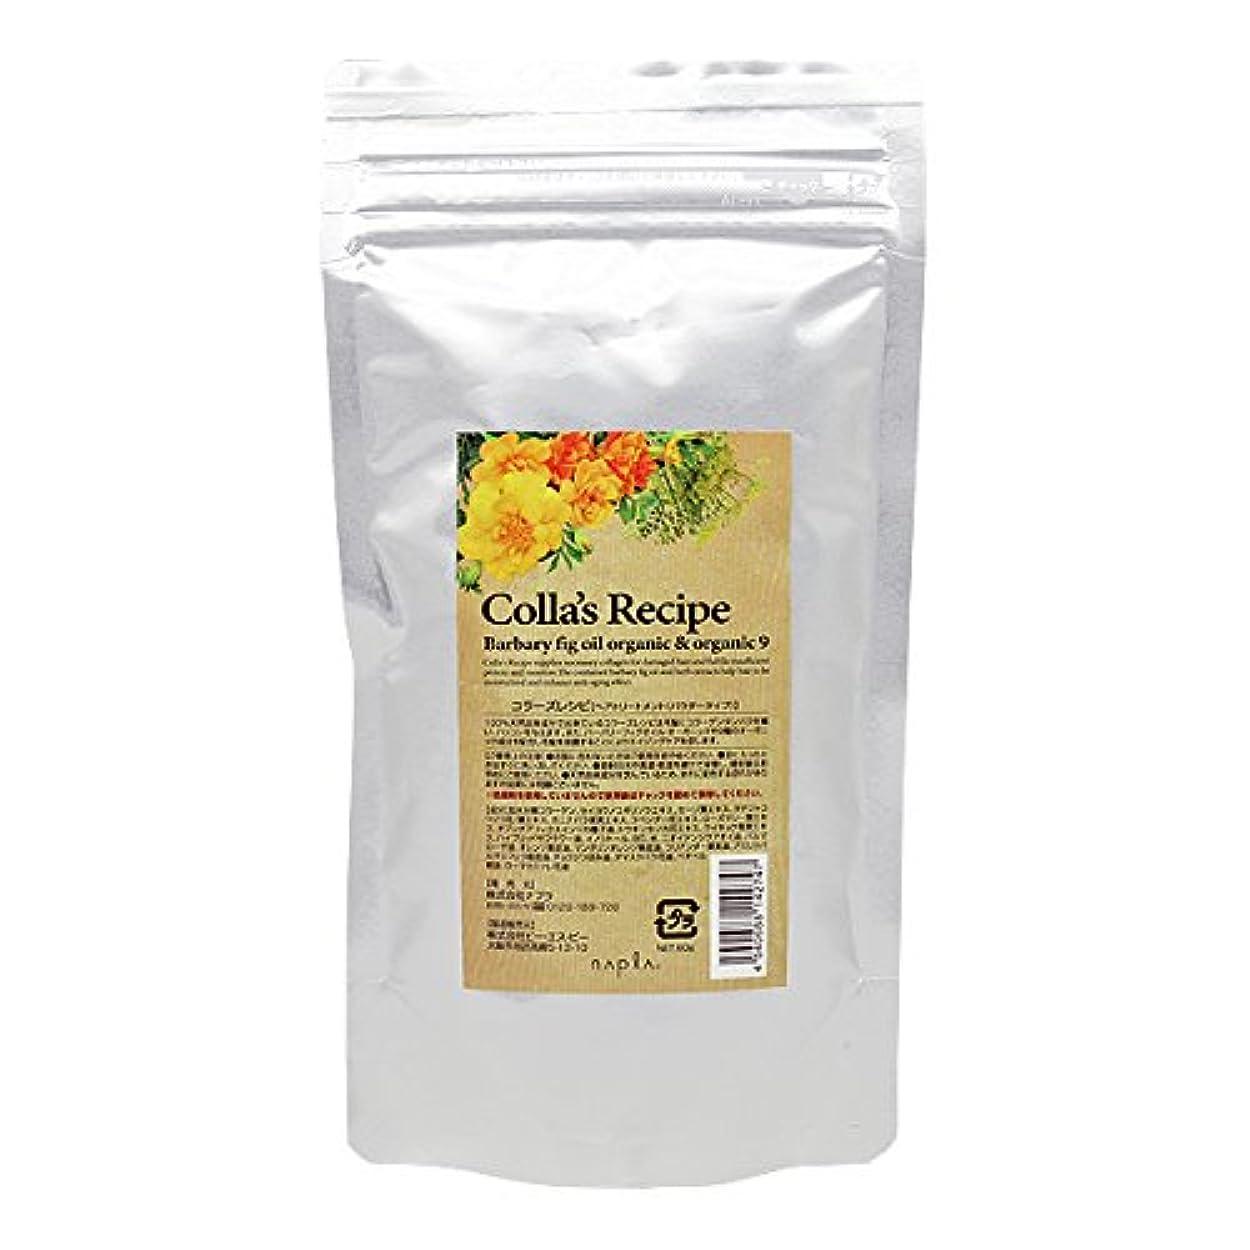 歩き回る特定のカロリーナプラ コラーズ レシピ 60g